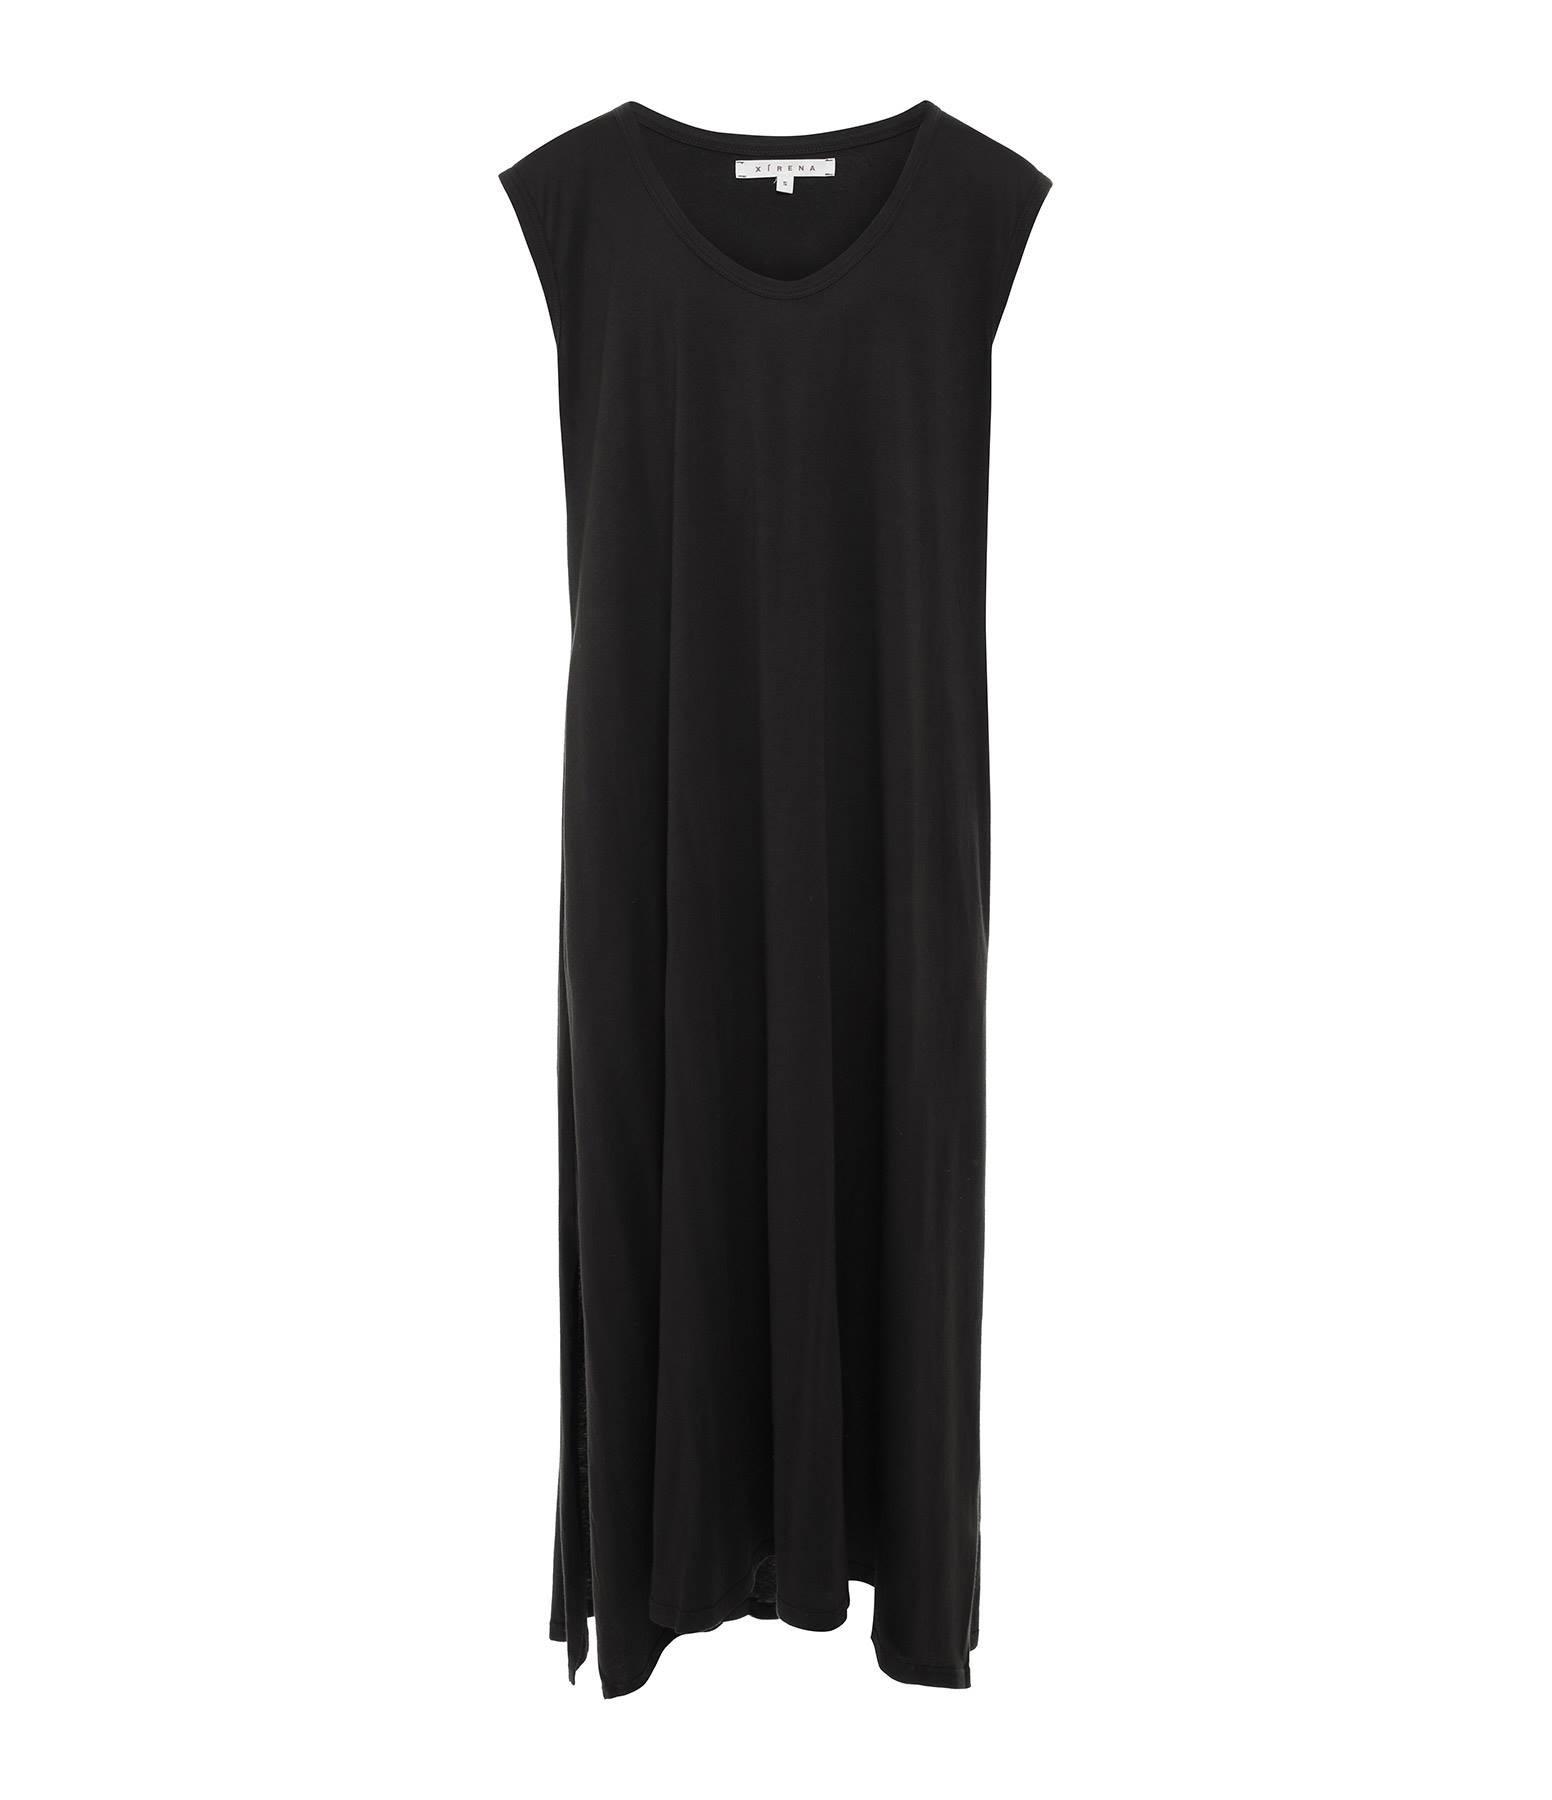 XIRENA - Robe Elodie Coton Malibu Noir